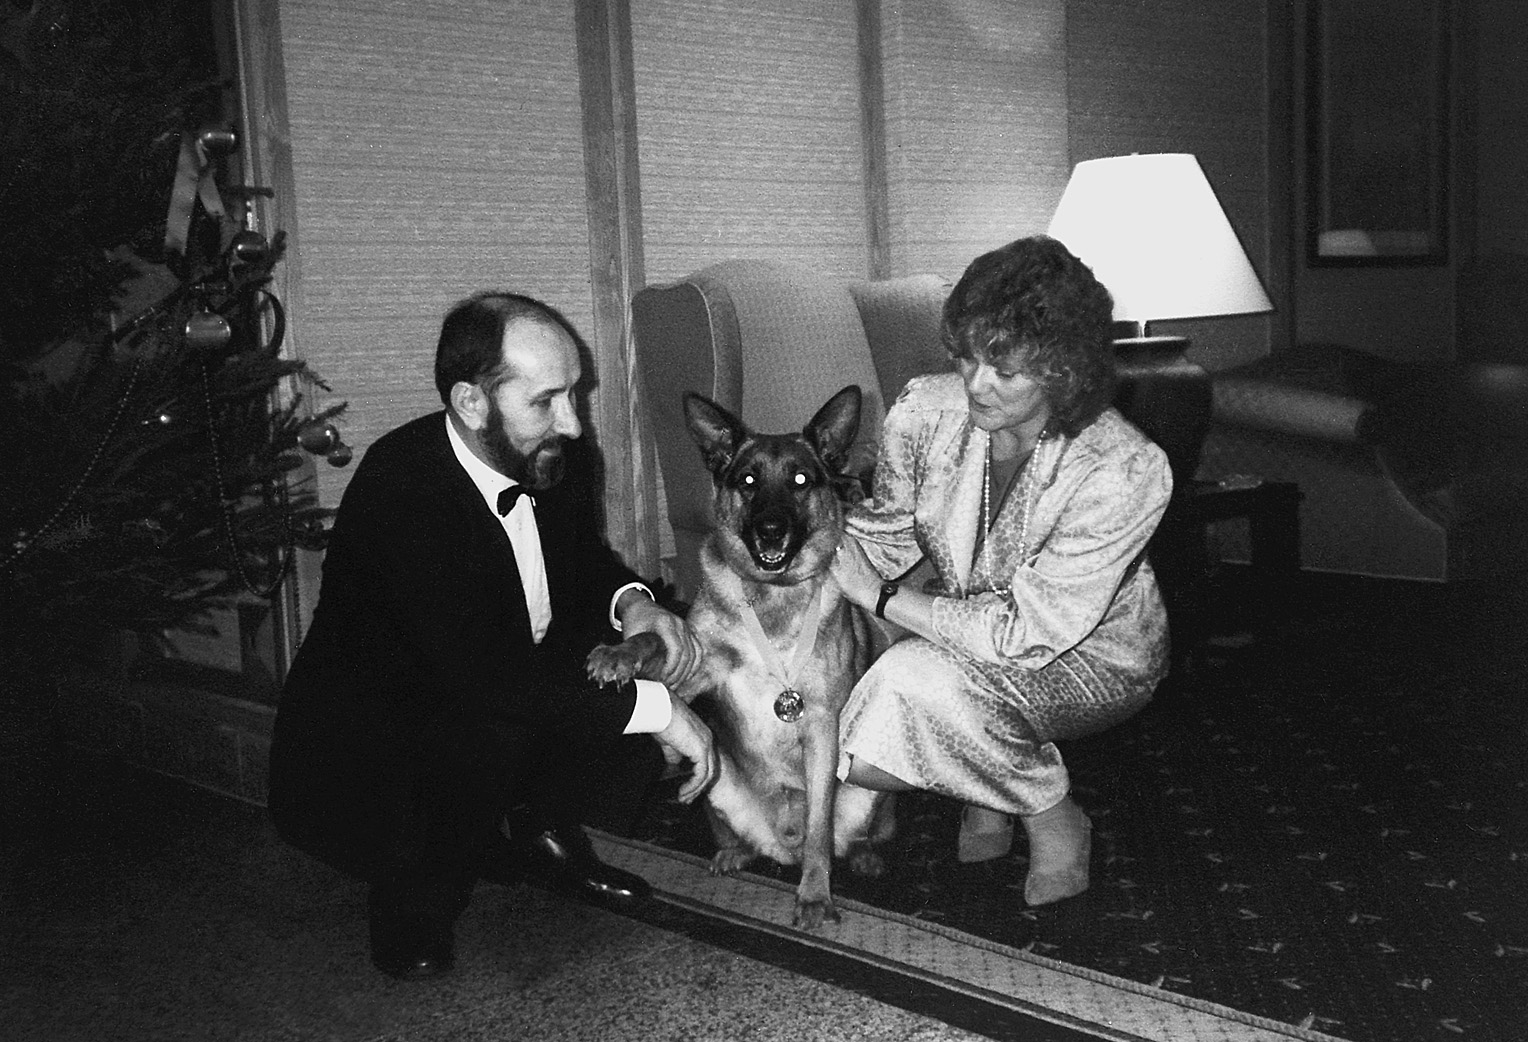 Nikola i Helen Shirley Štedul sa svojim Pašom, nakon što je Paša u Velikoj Britaniji dobio zlatnu kolajnu za spašavanje ljudskog života 1989.